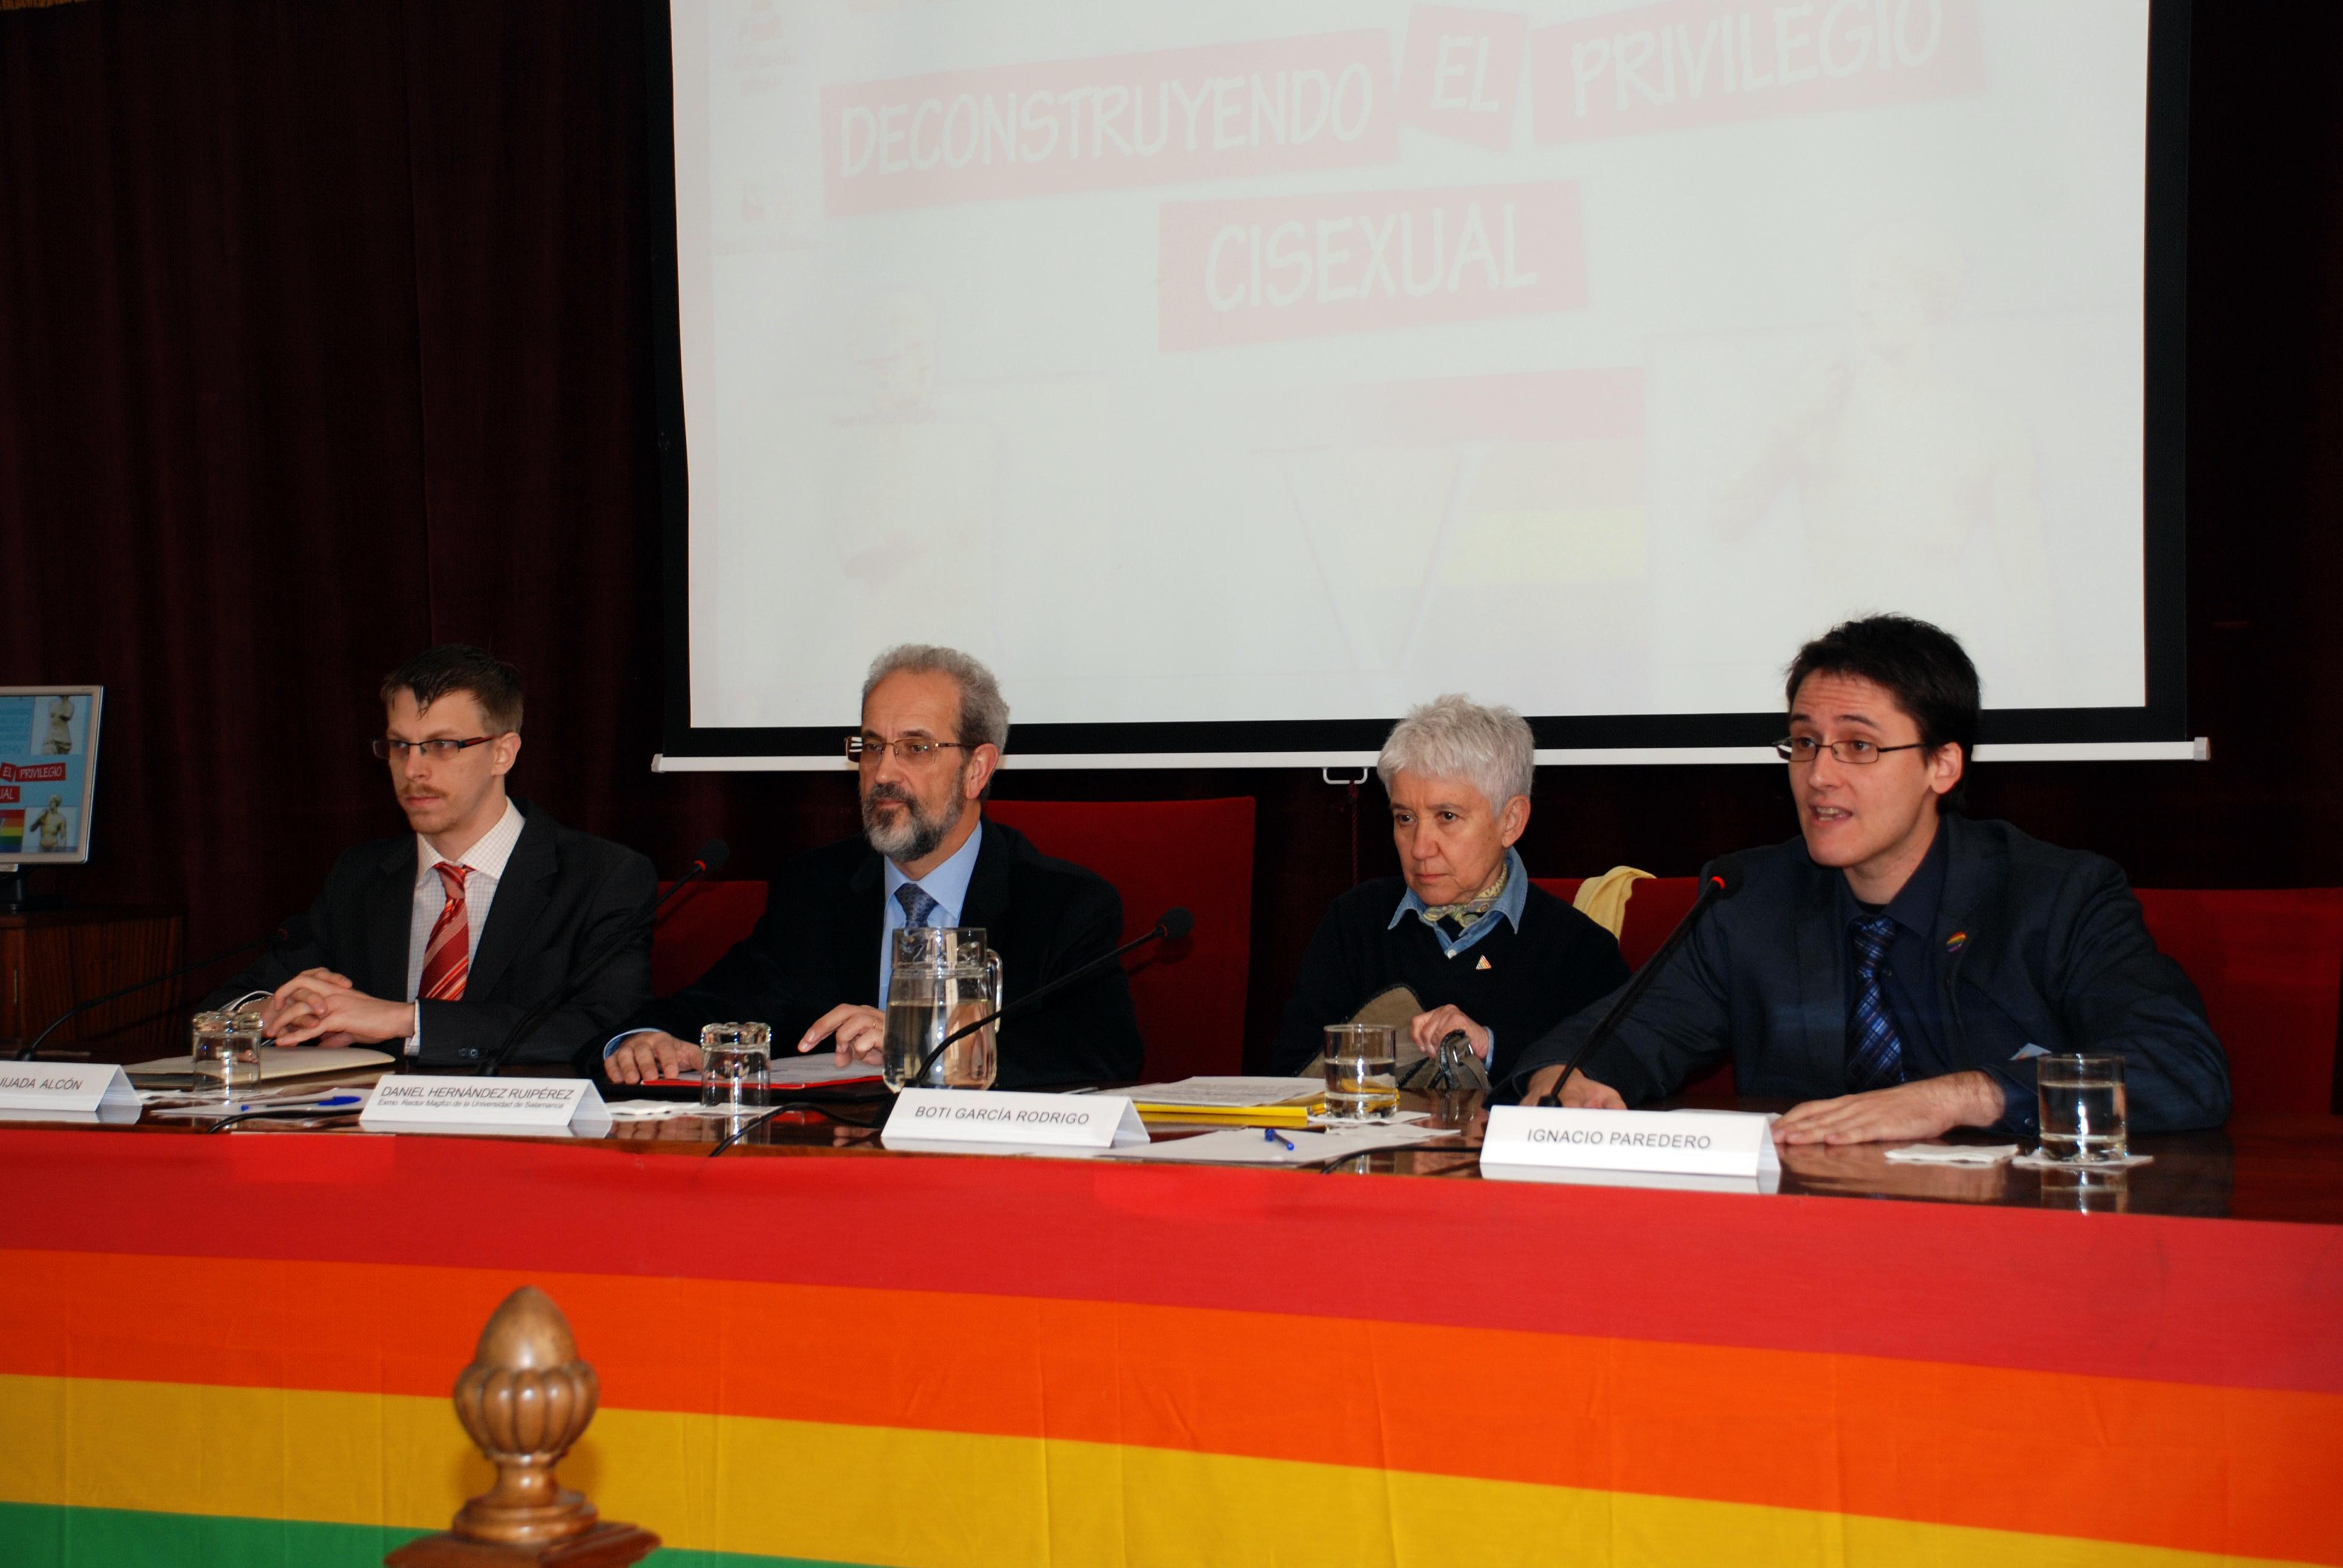 La Facultad de Derecho acoge la quinta edición del curso sobre homosexualidad, bisexualidad, transexualidad y heterosexualidad